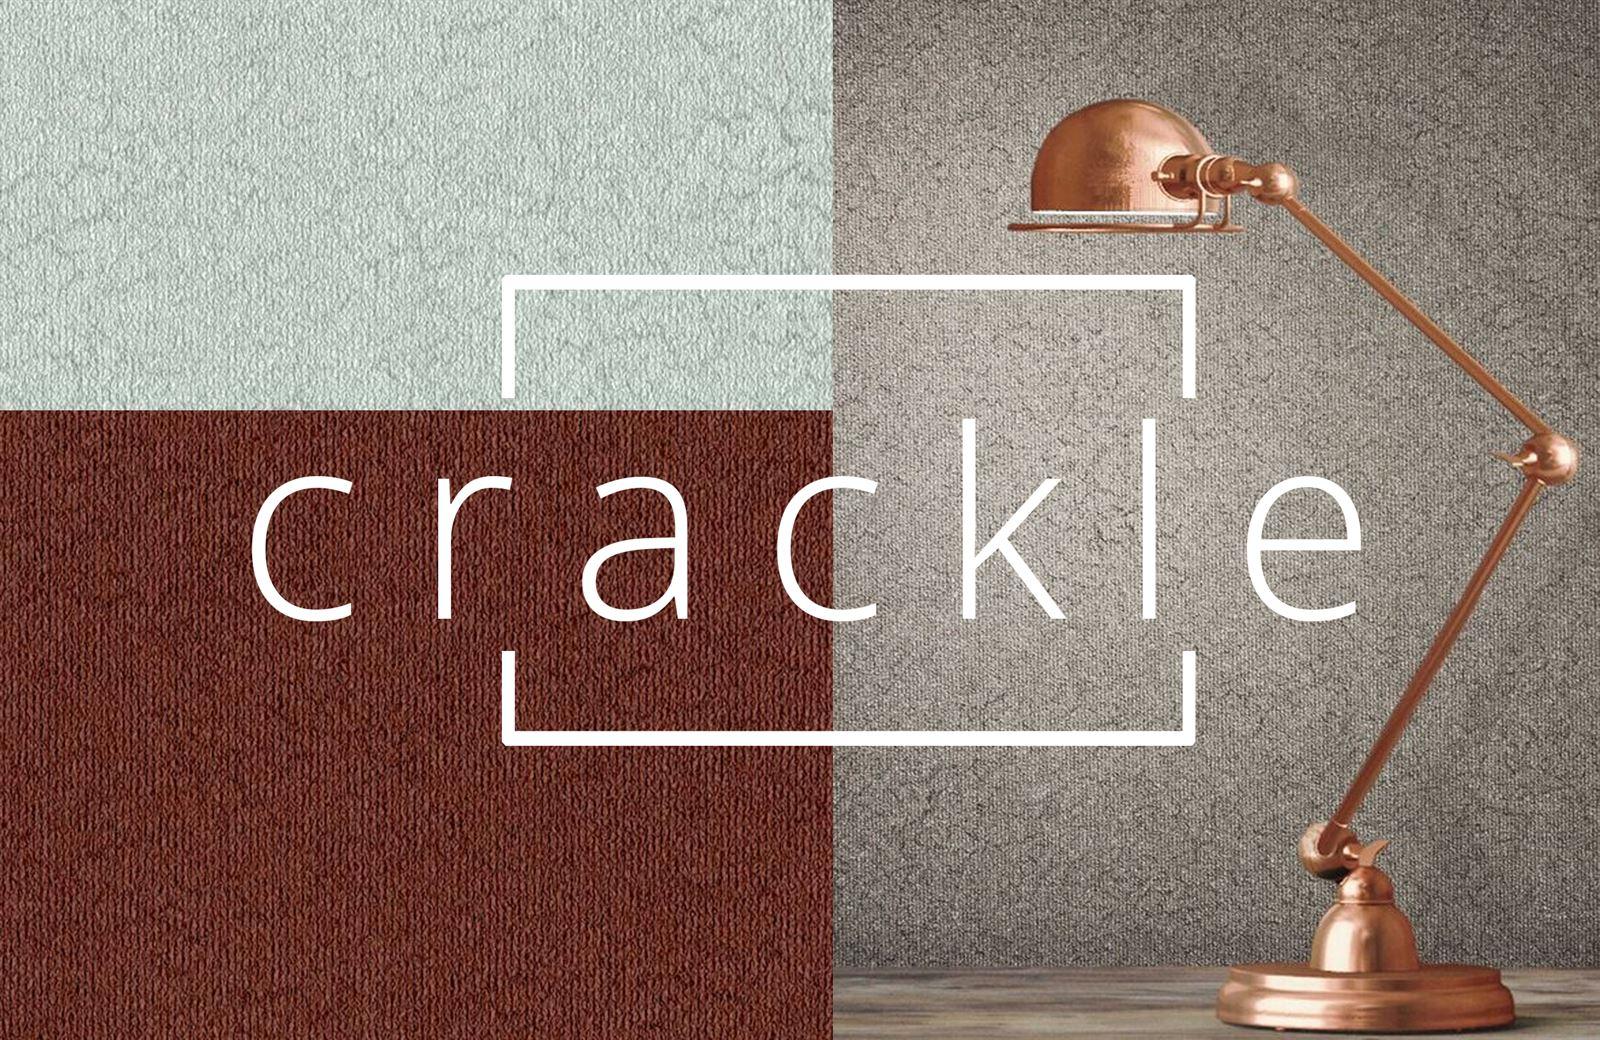 crackle for blog